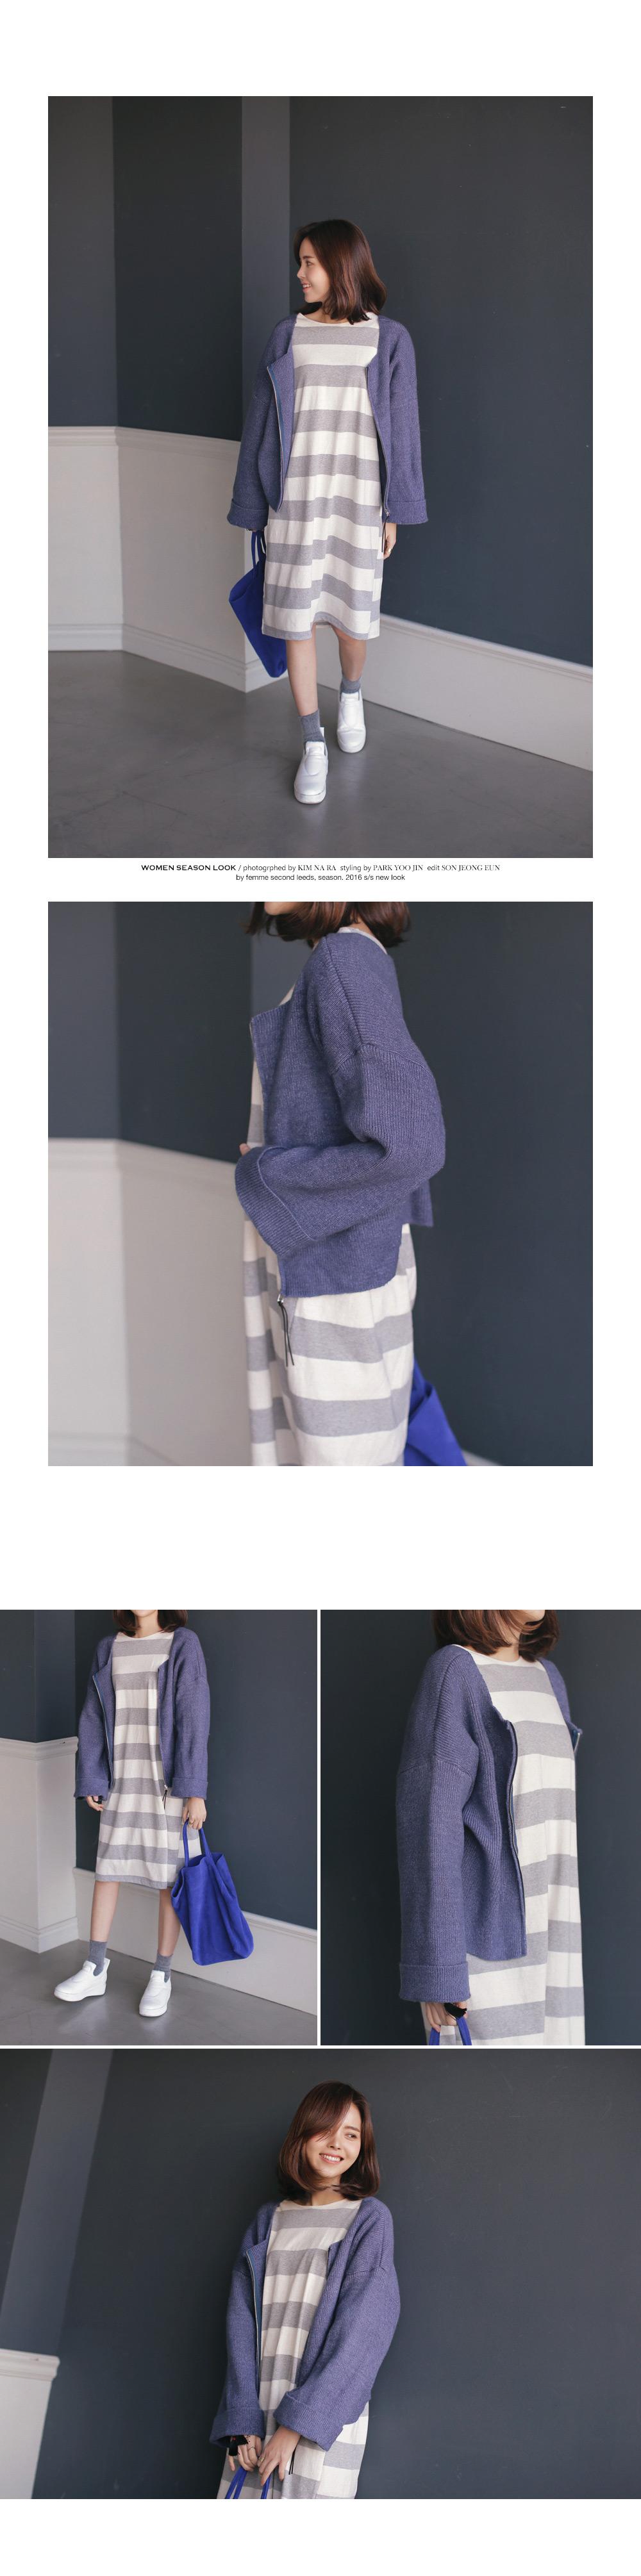 ボーダーミディ丈ワンピース・全3色ワンピース・スカートワンピース|レディースファッション通販 DHOLICディーホリック [ファストファッション 水着 ワンピース]